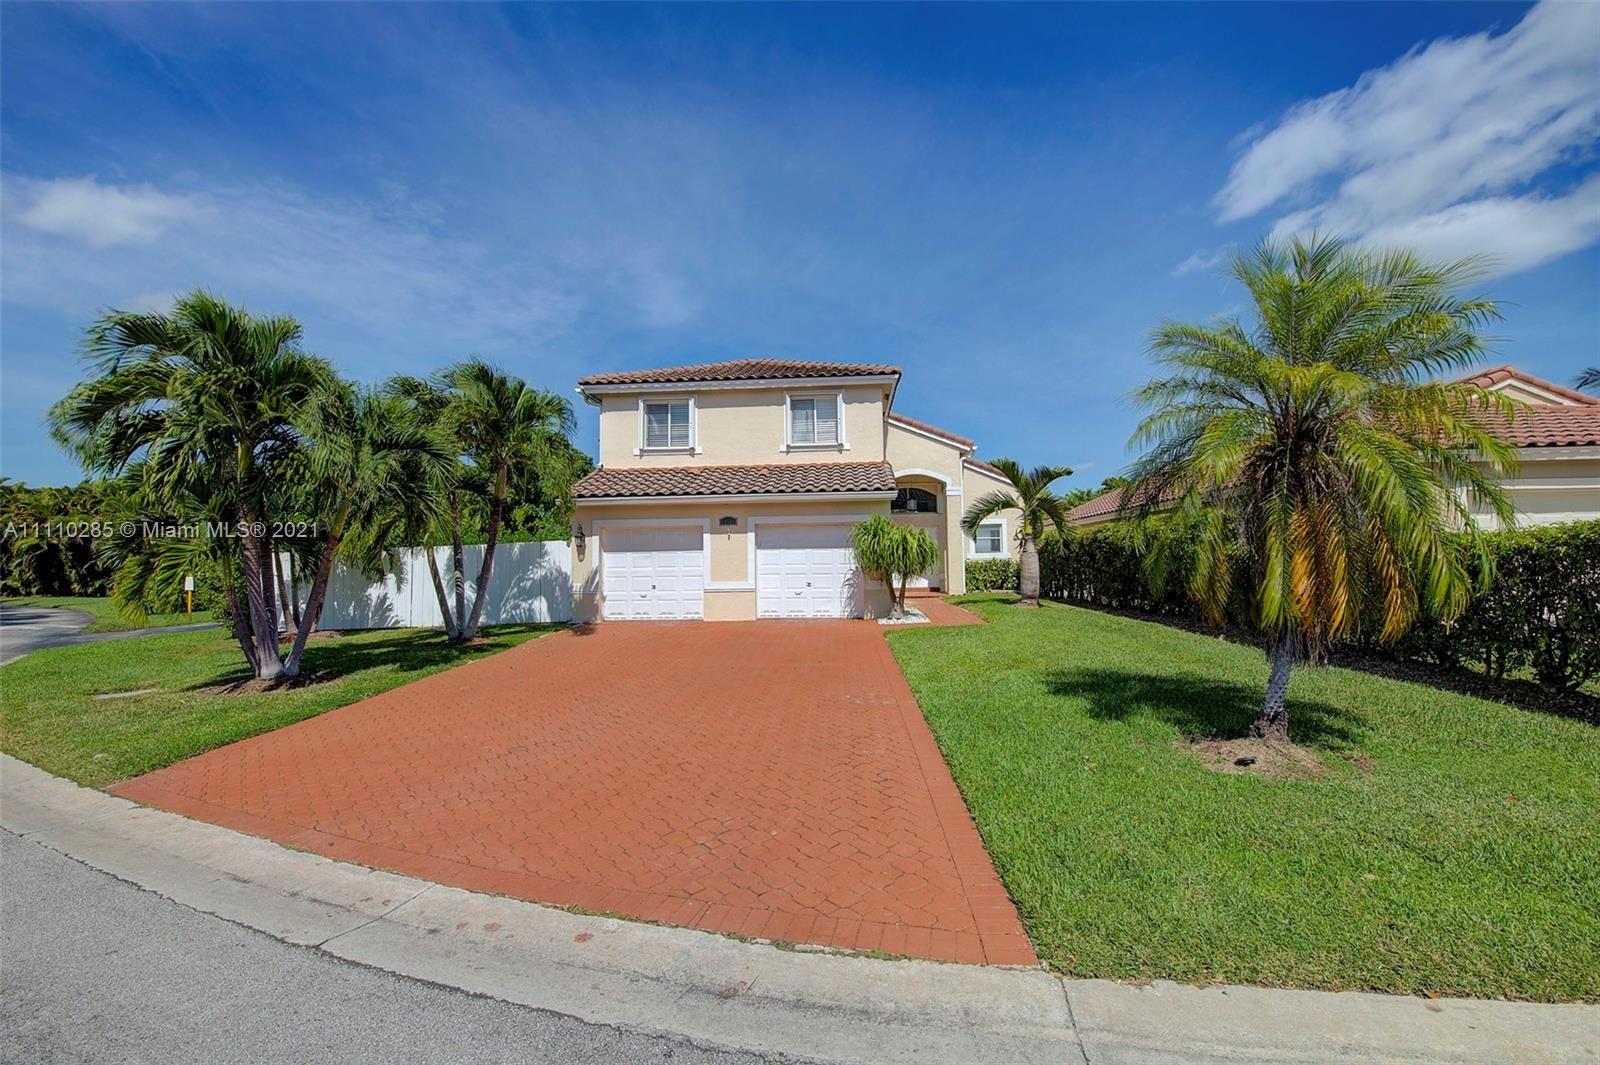 13589 SW 144th Ter, Miami, FL 33186 - #: A11110285